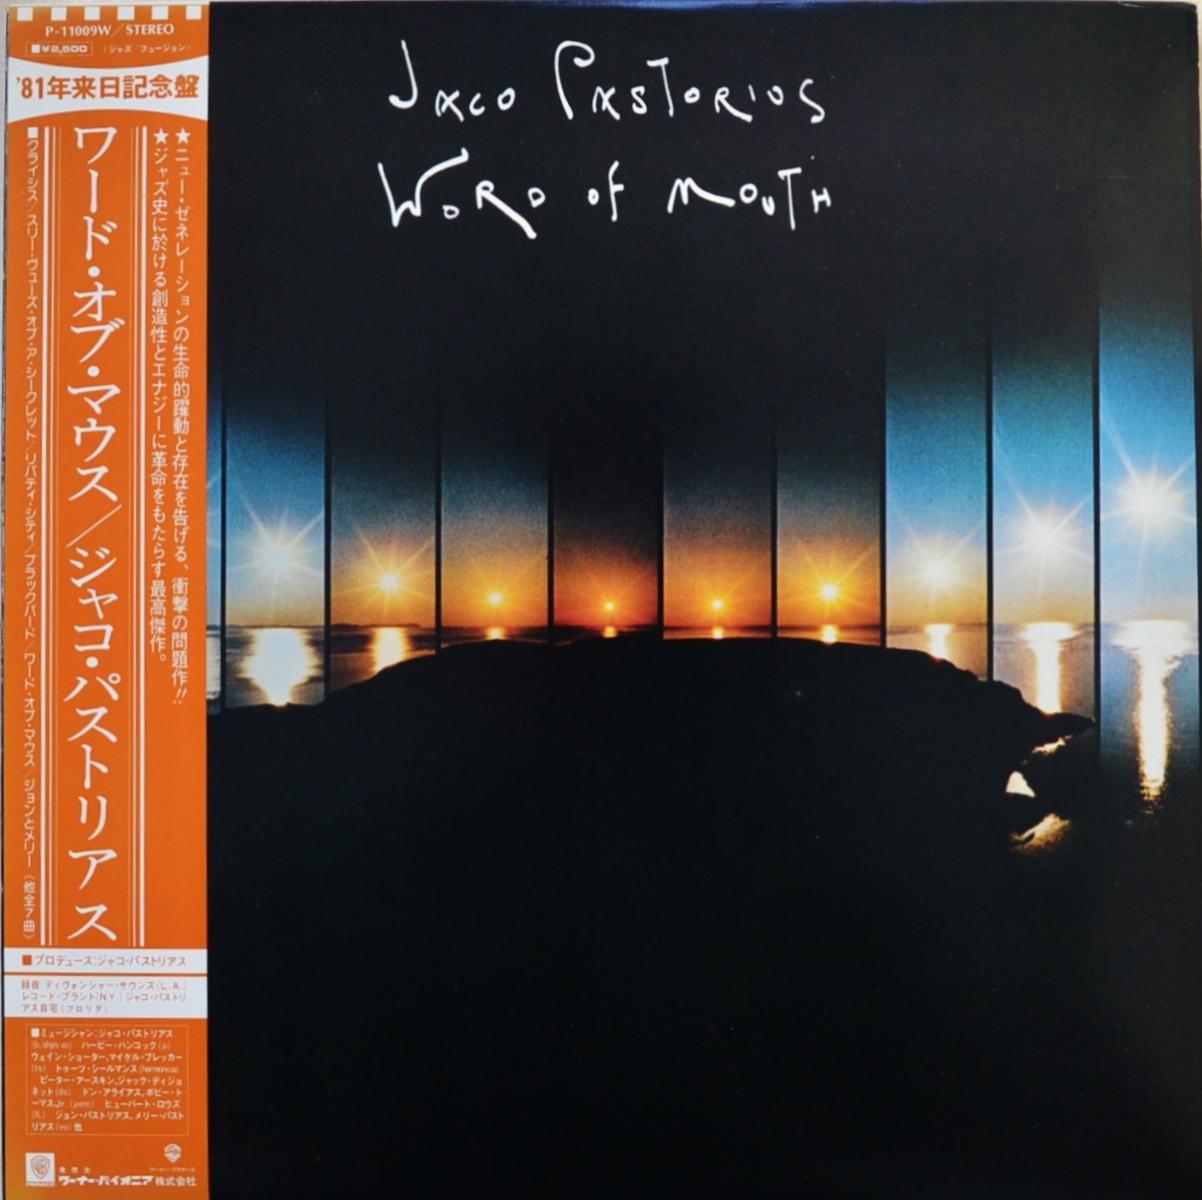 ジャコ・パストリアス JACO PASTORIUS / ワード・オブ・マウス WORD OF MOUTH (LP)